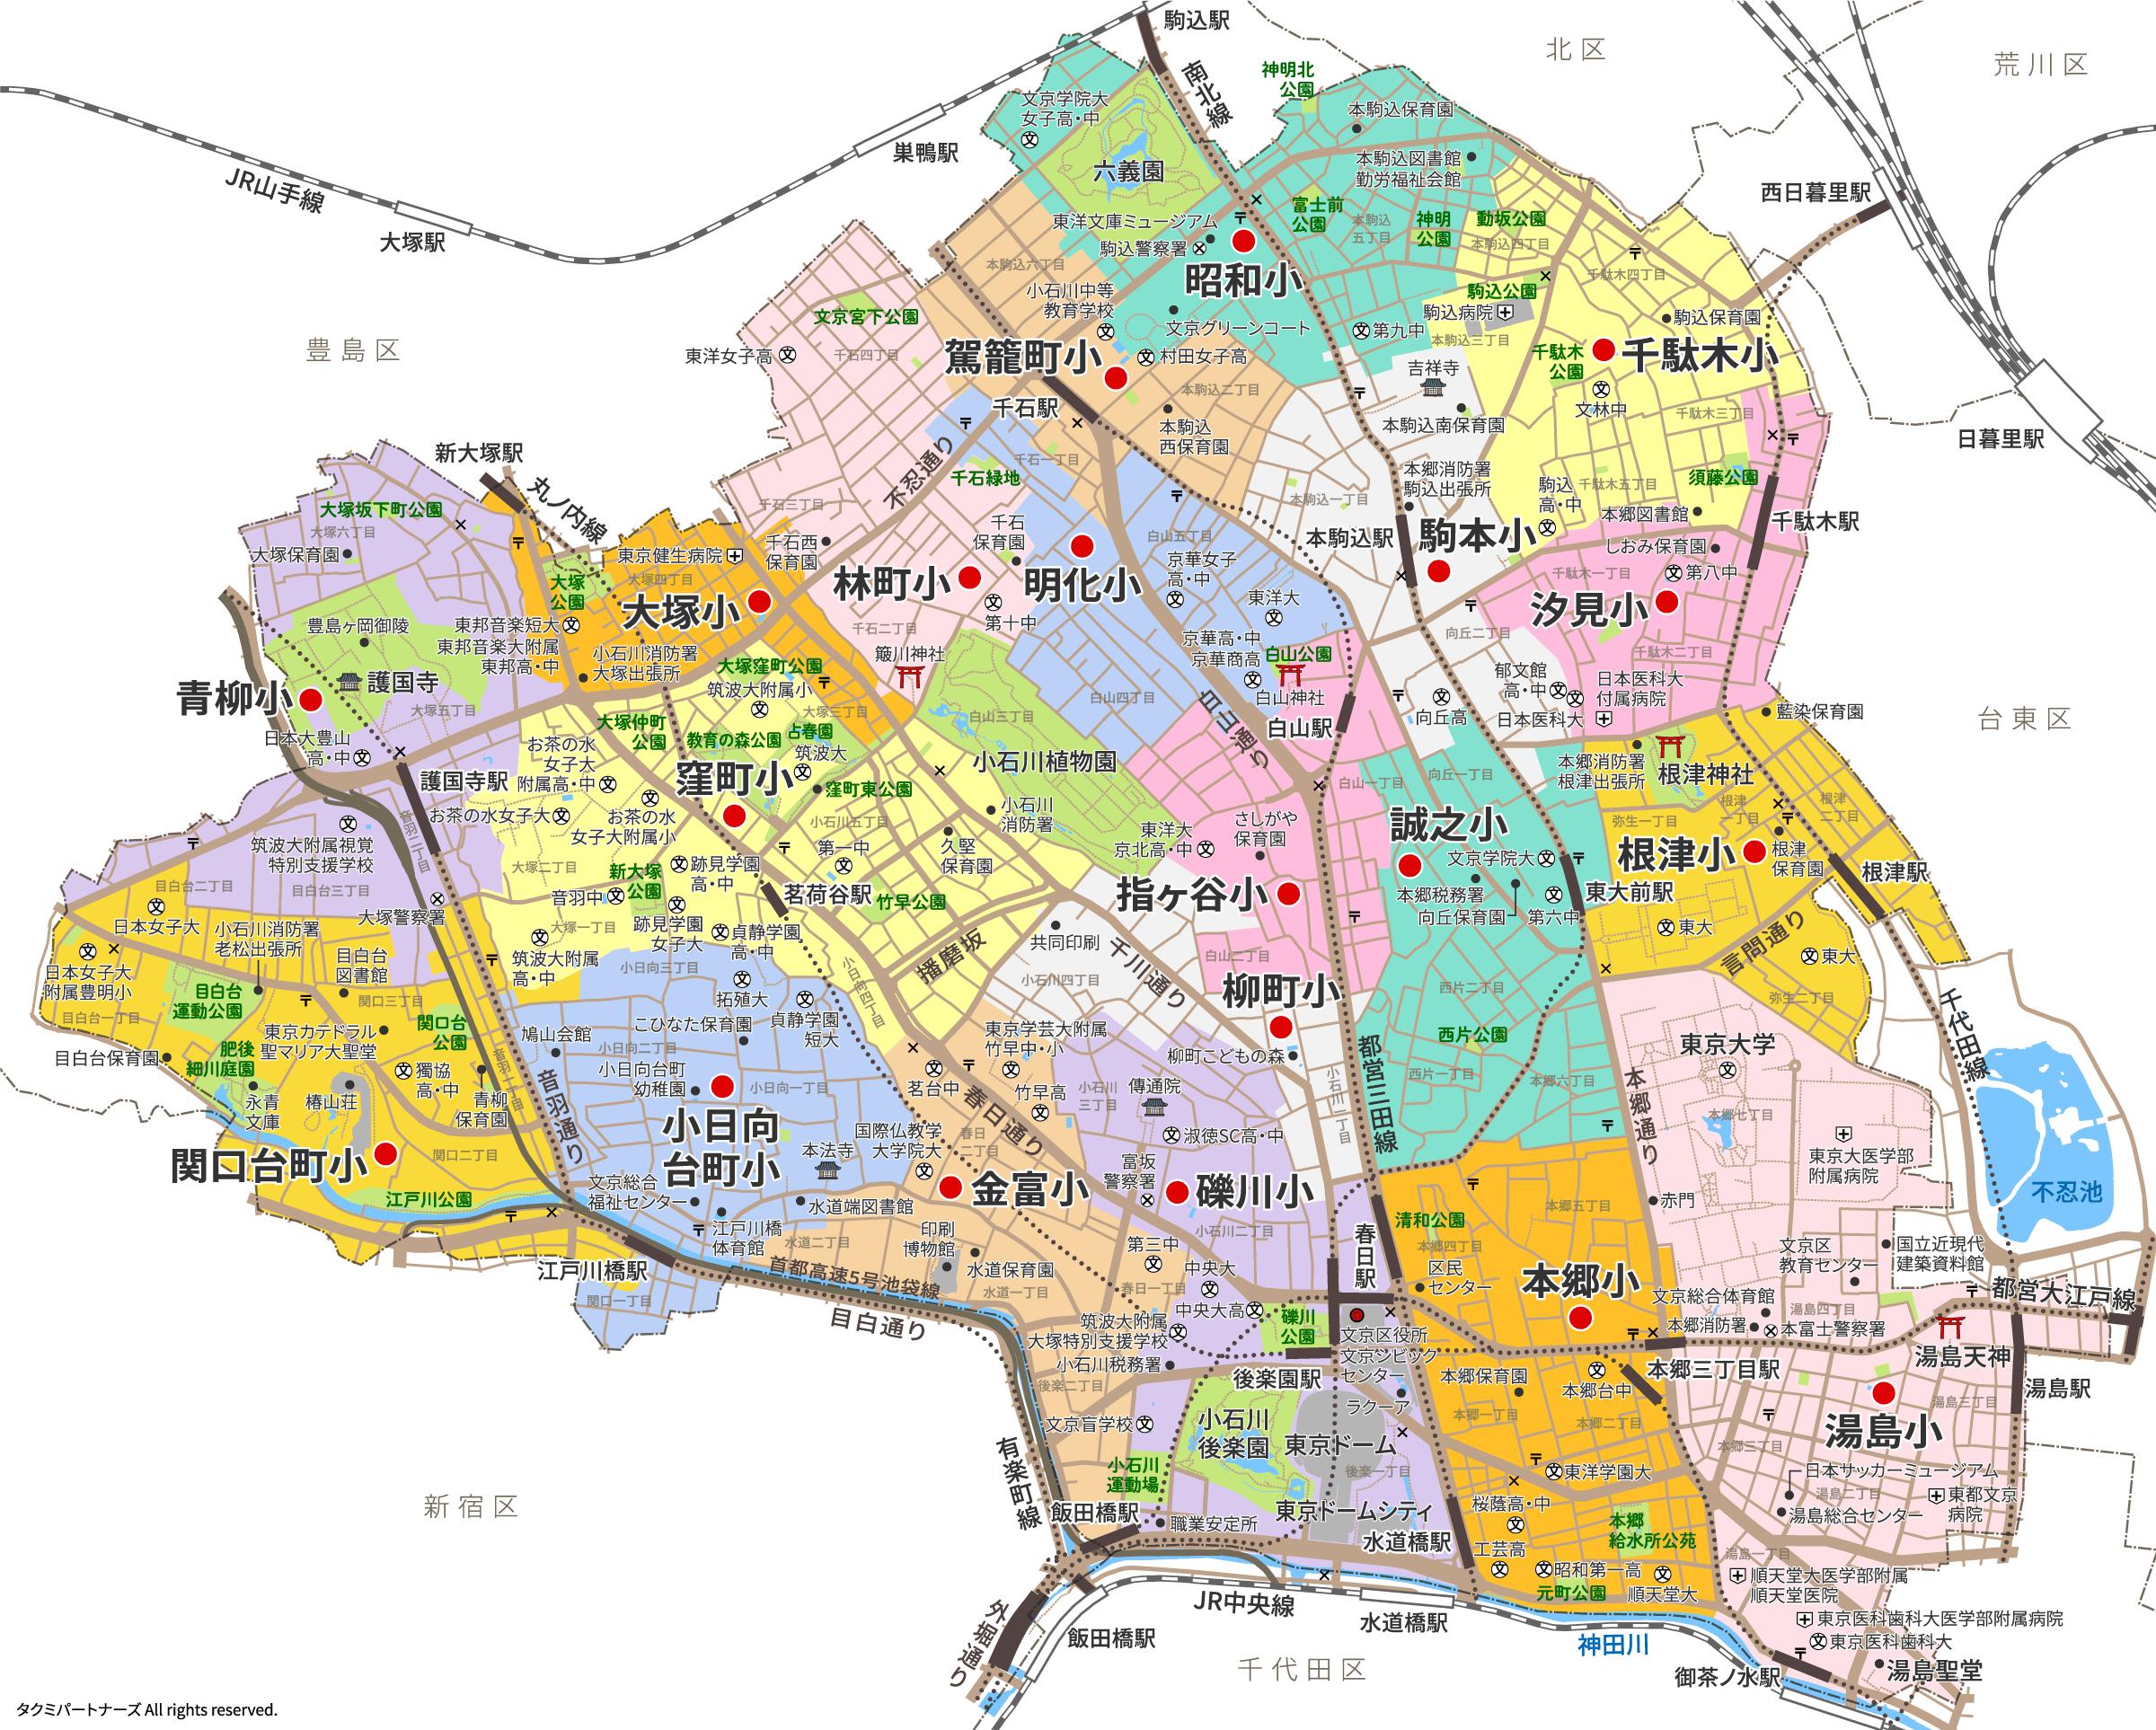 bunkyoelschool_erea_map